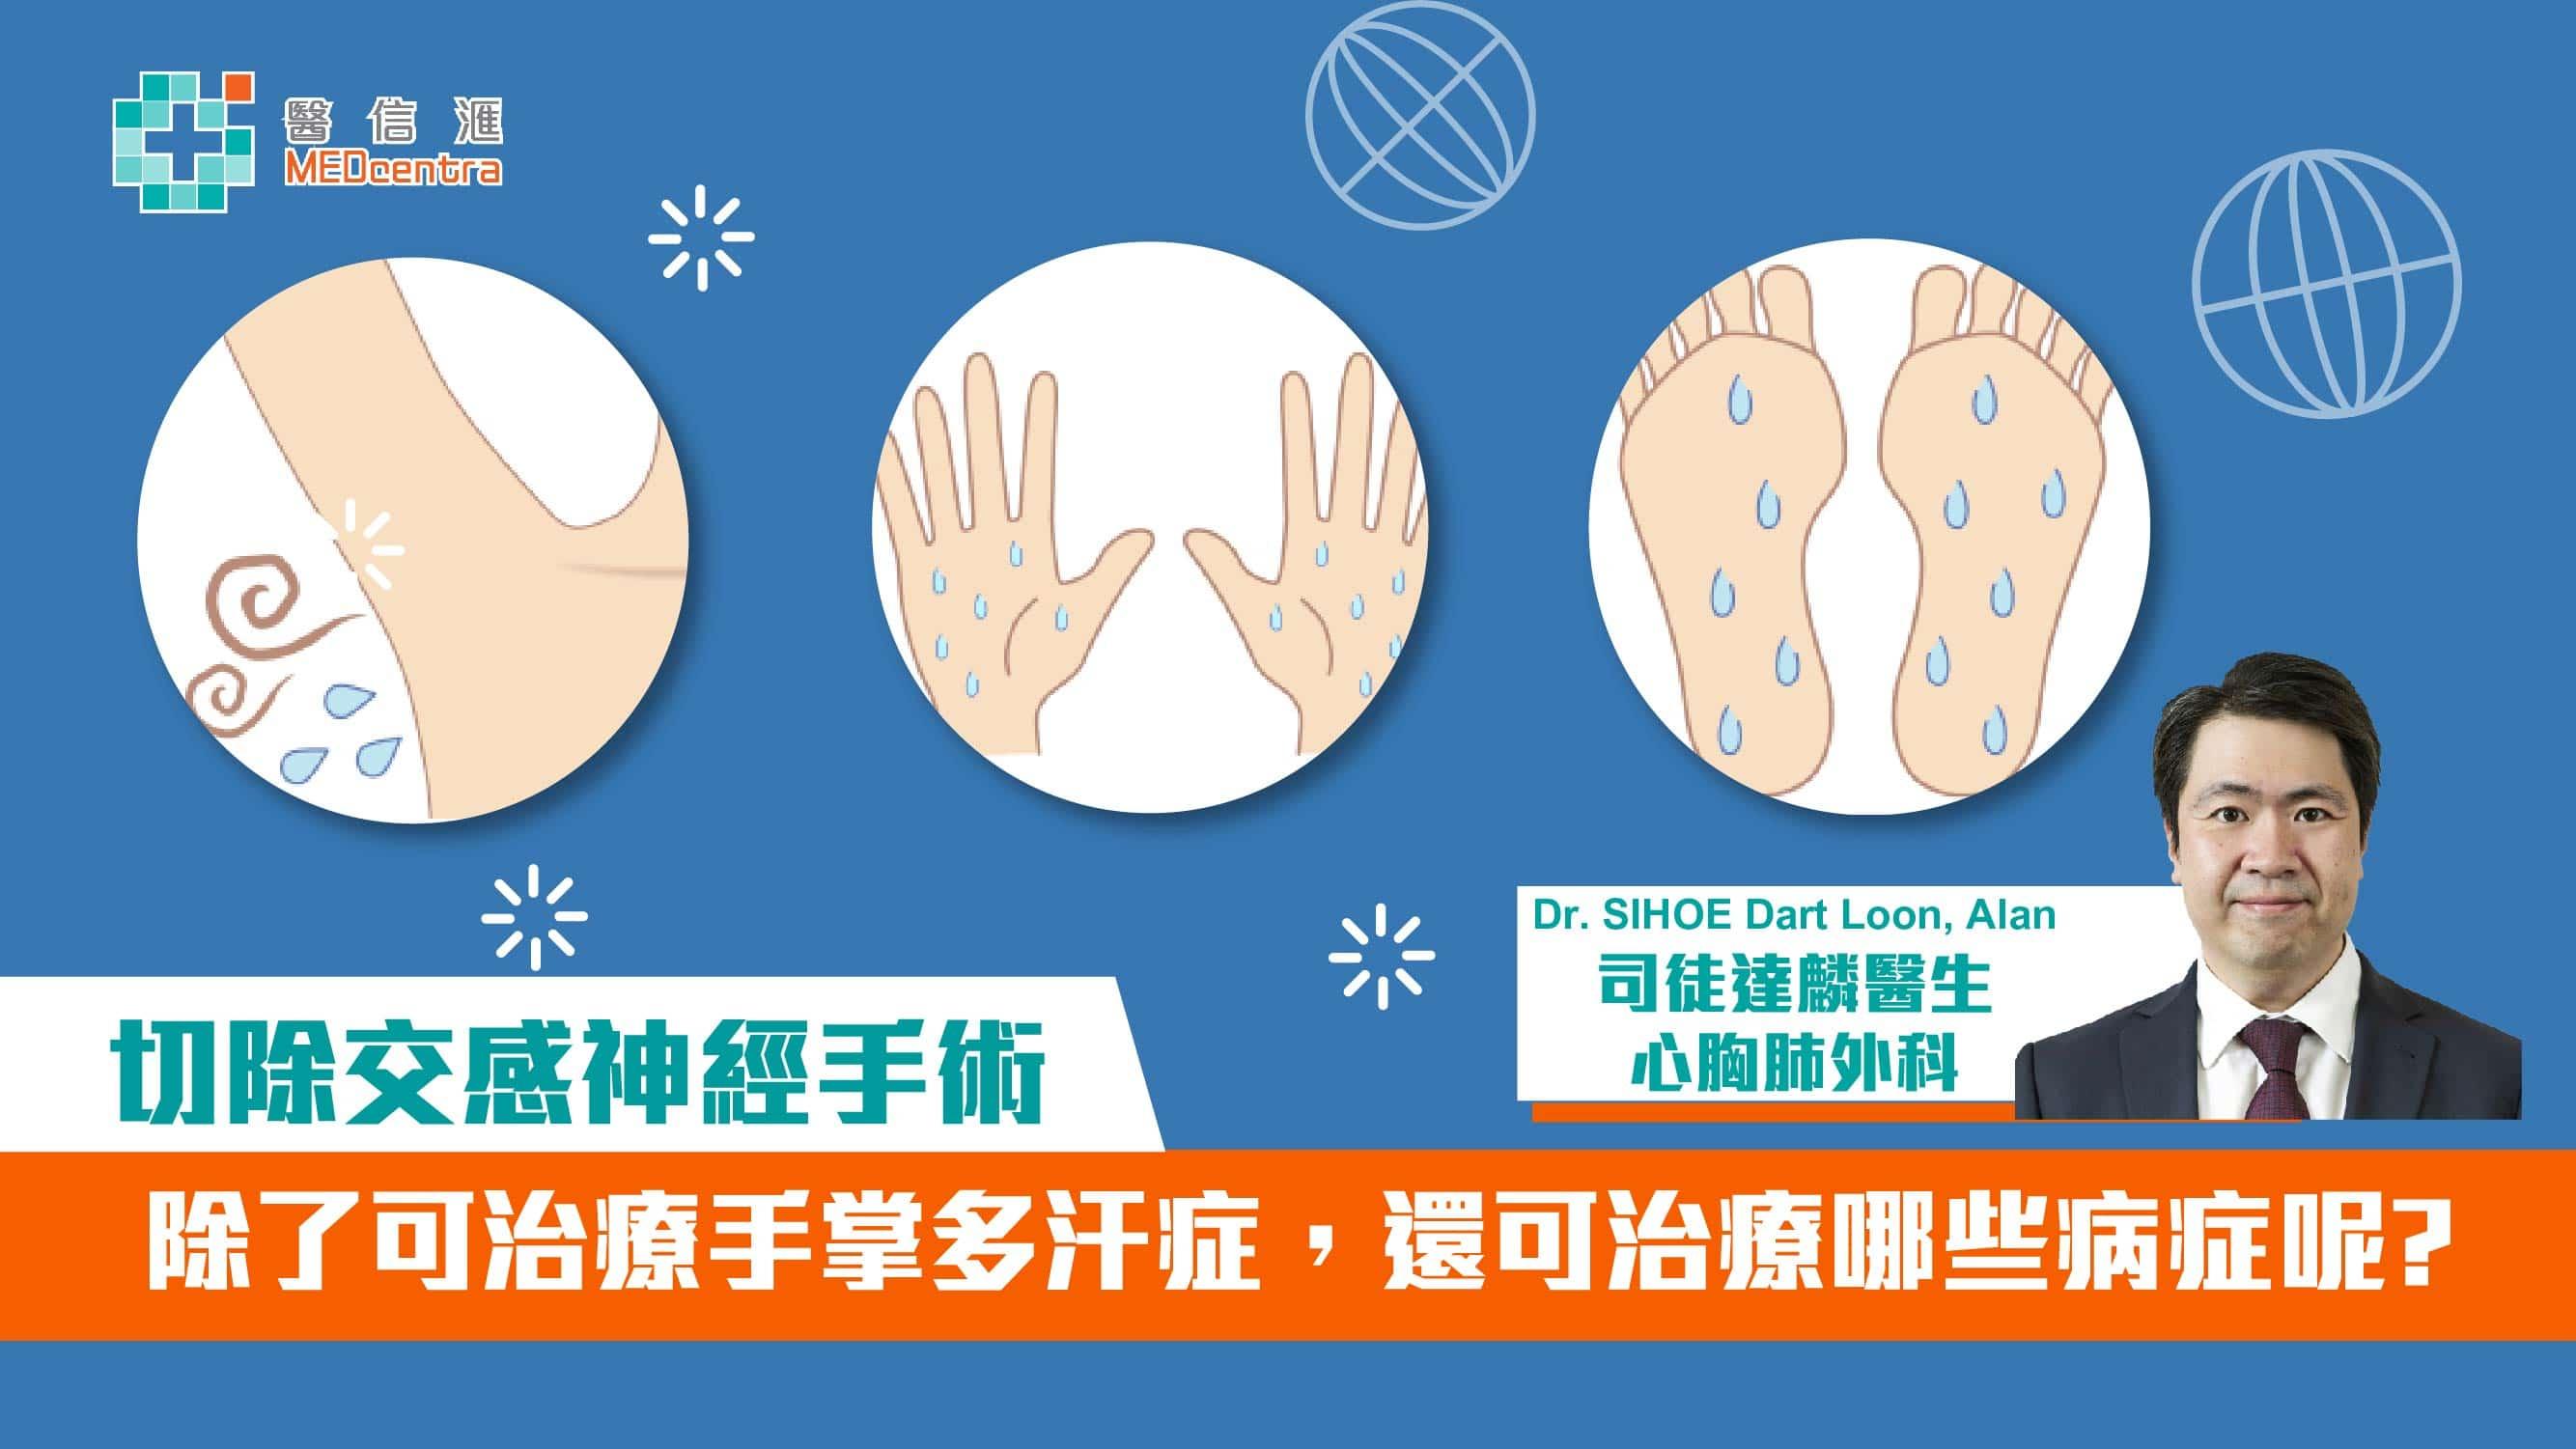 切除交感神經手術可治療手掌多汗症多,還可治療哪些病症呢